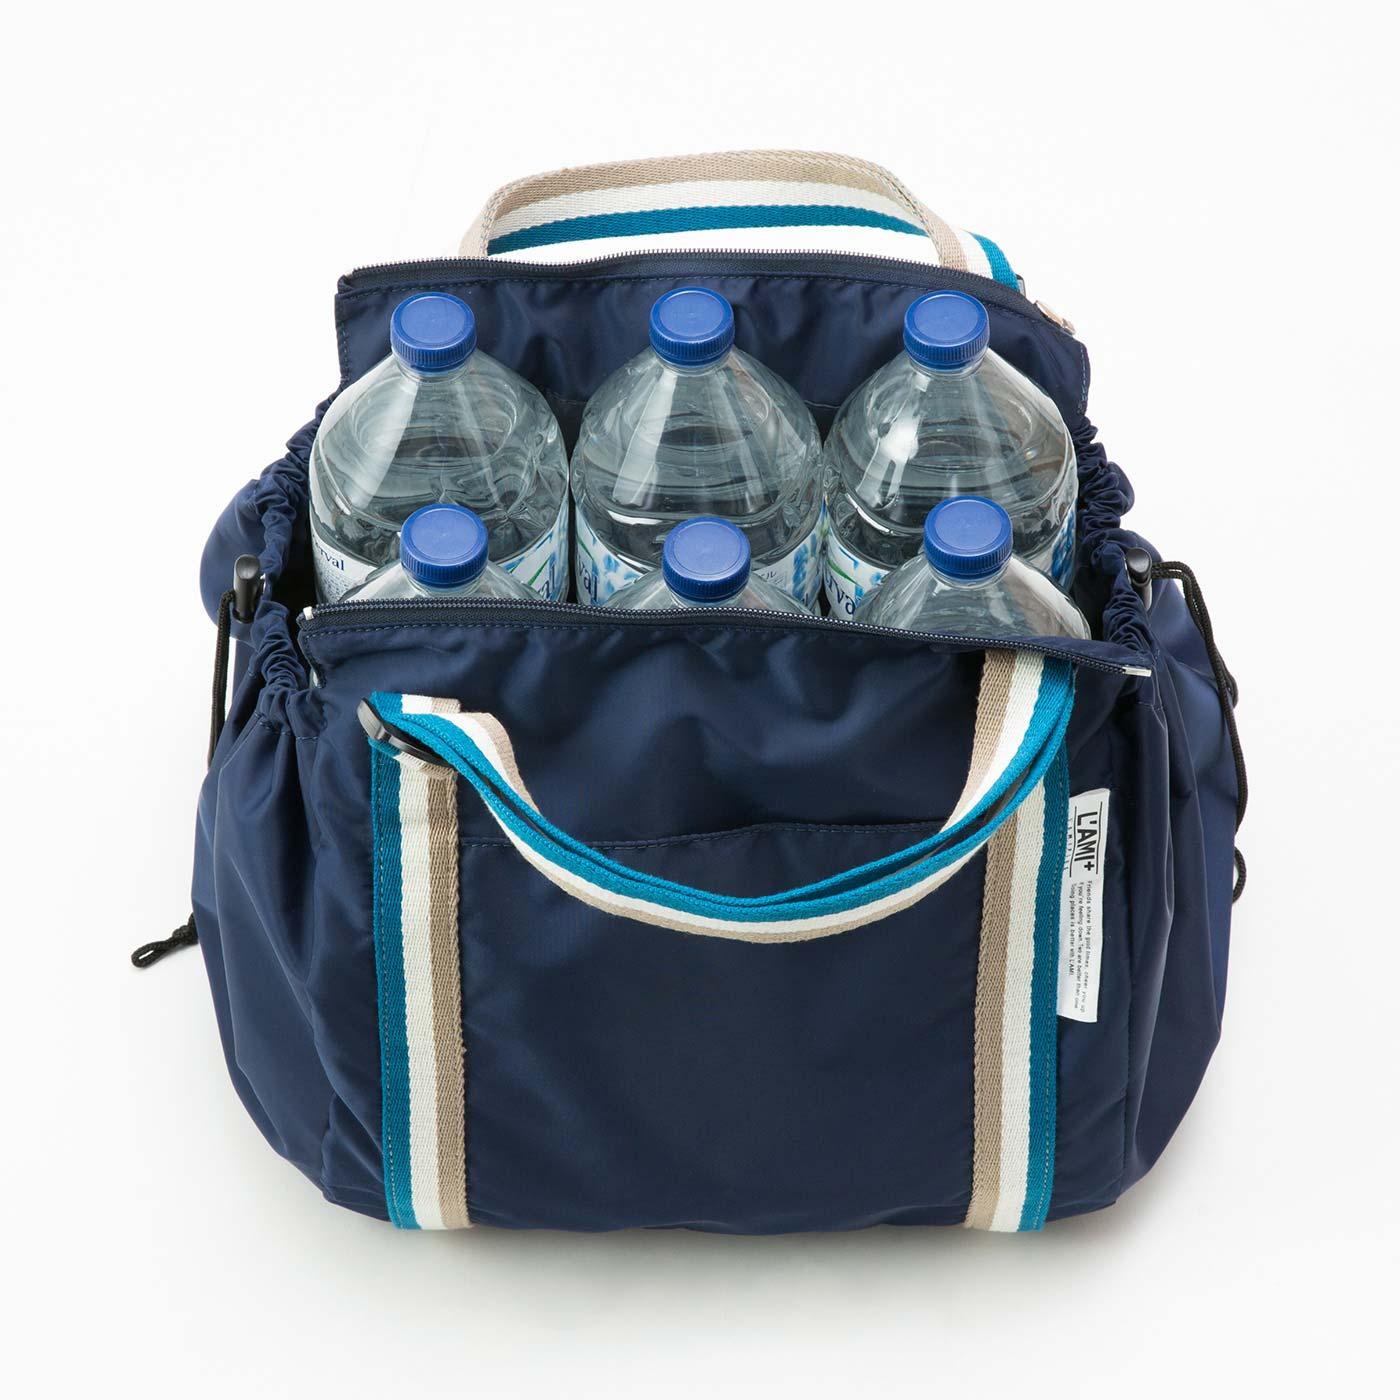 大容量なので最大2リットルのペットボトルが6本も入ります。まとめ買いにも便利。